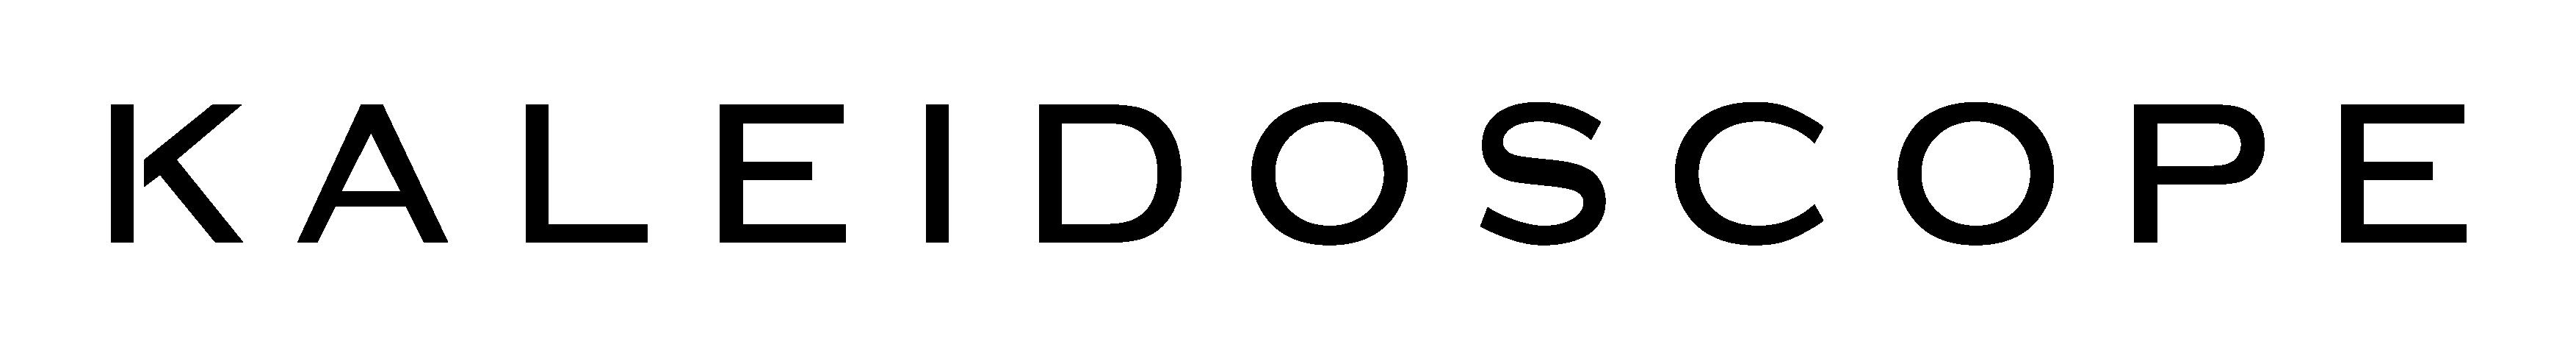 /images/i/imgkal-logo-black-1616057146073.png